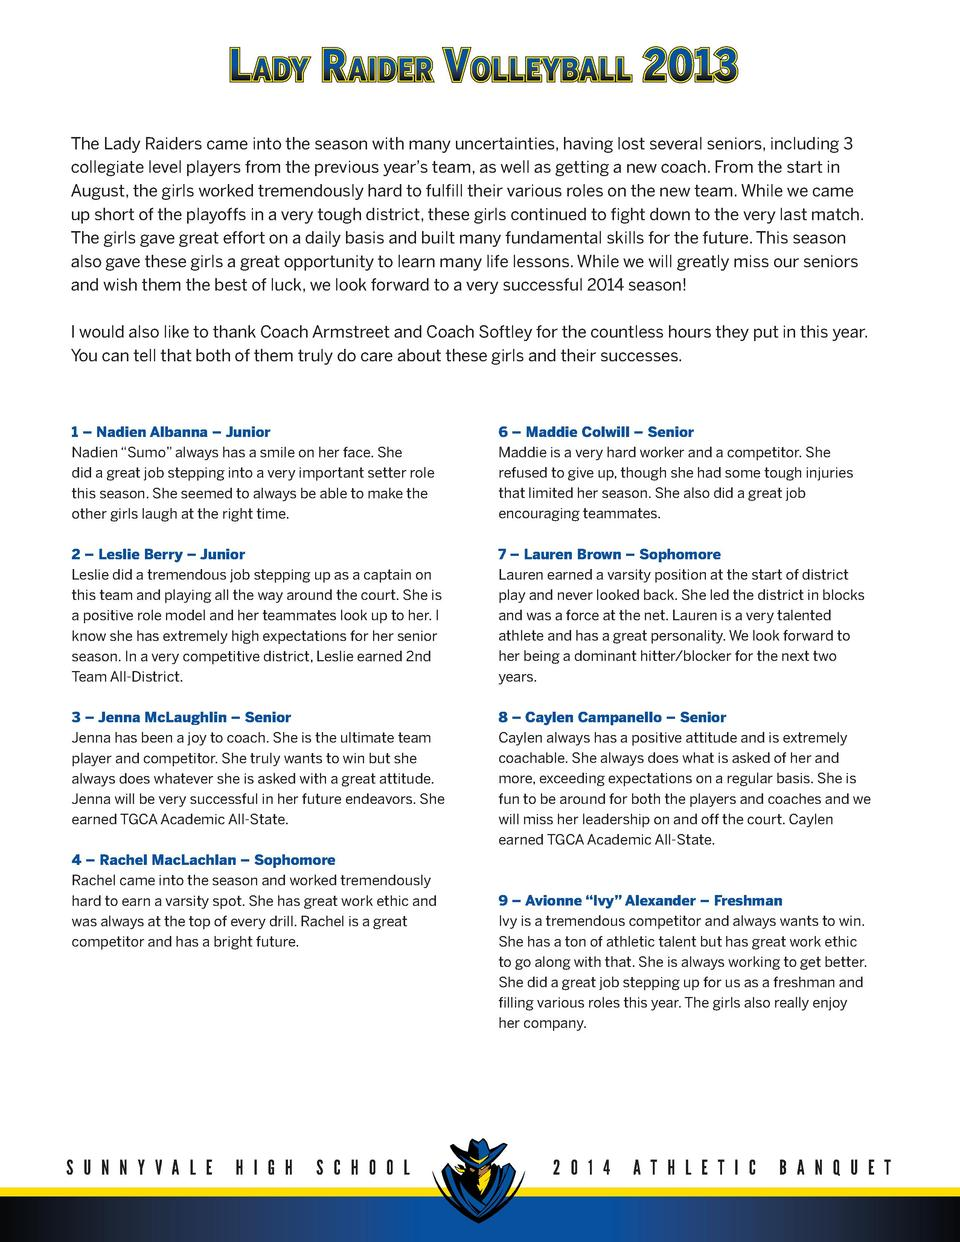 Sports Banquet Program : simplebooklet.com